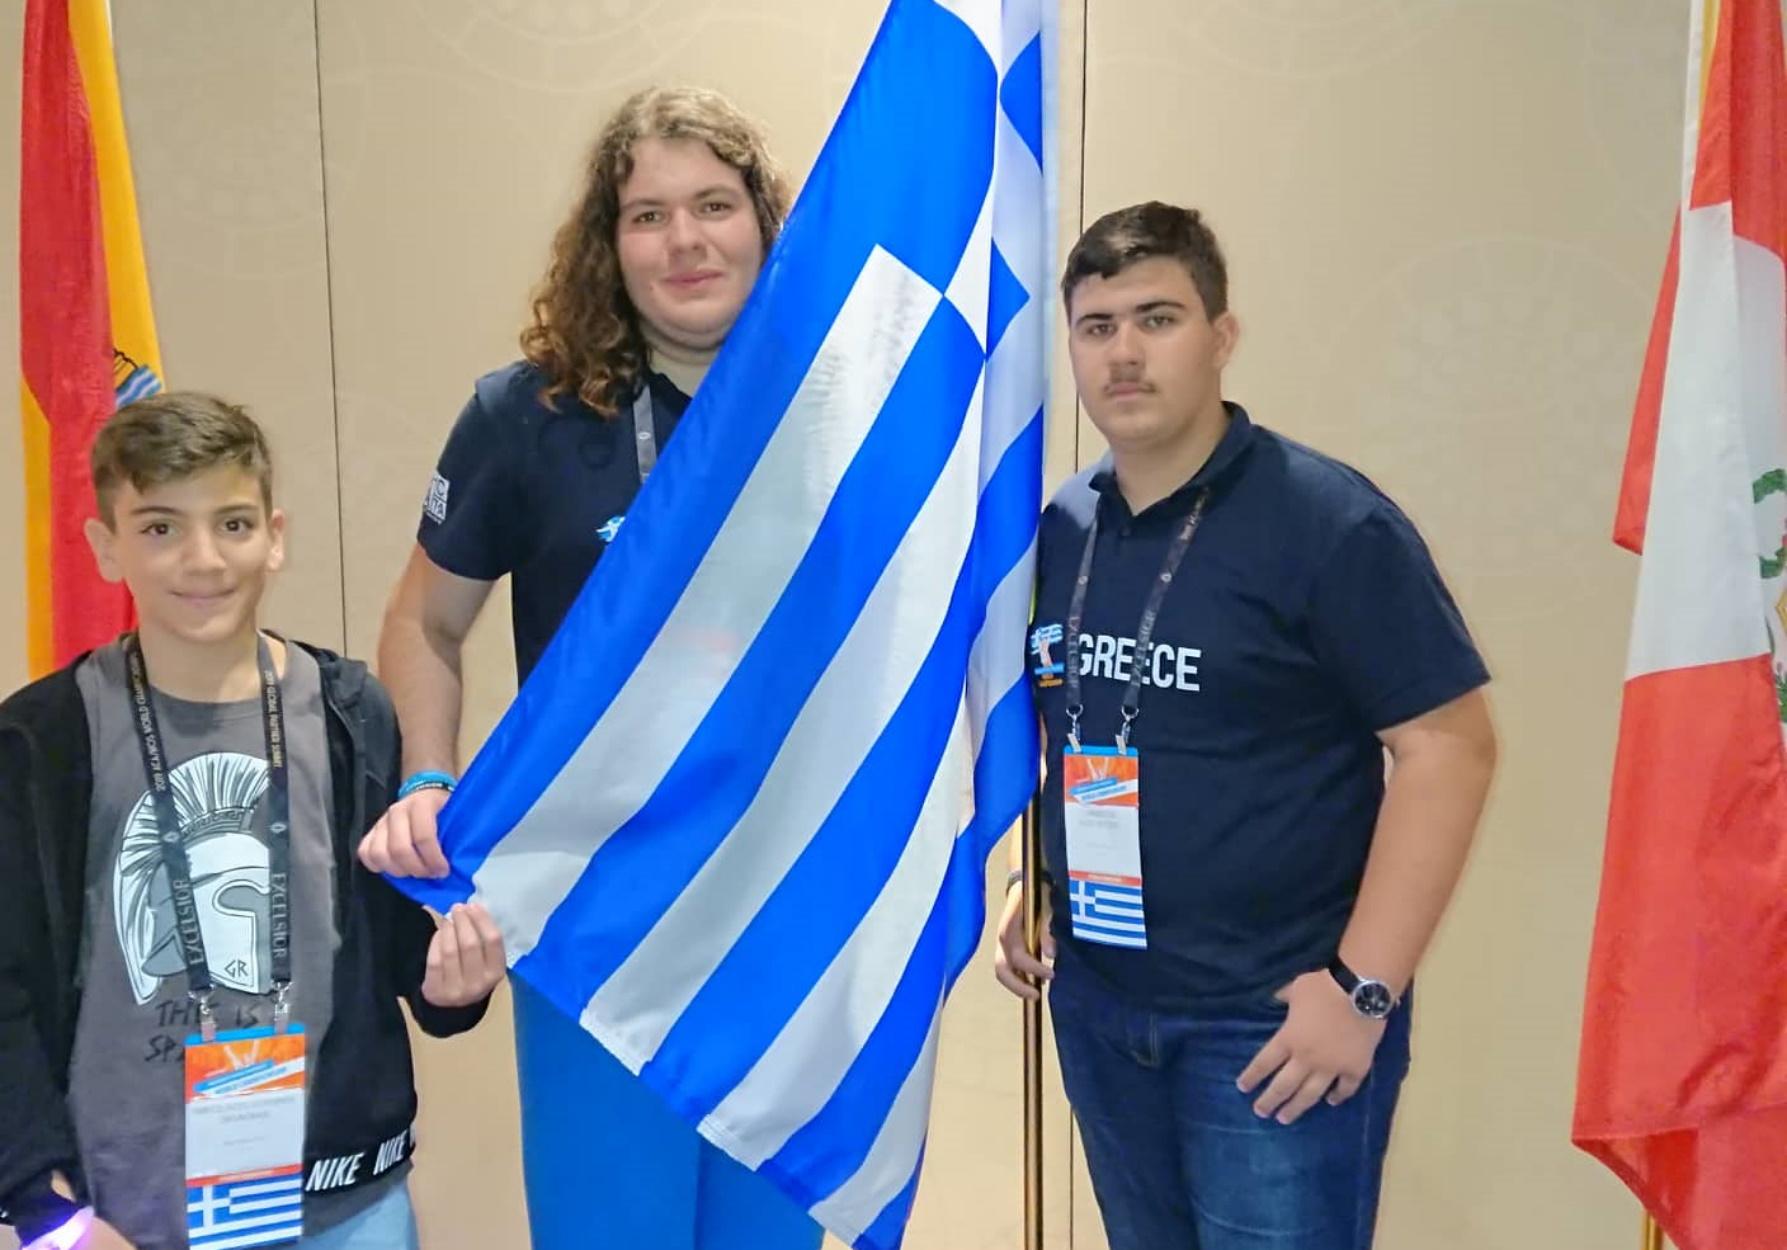 3 Ελληνόπουλα σάρωσαν τα βραβεία στον Παγκόσμιο Διαγωνισμό της Microsoft Office στη Ν. Υόρκη!